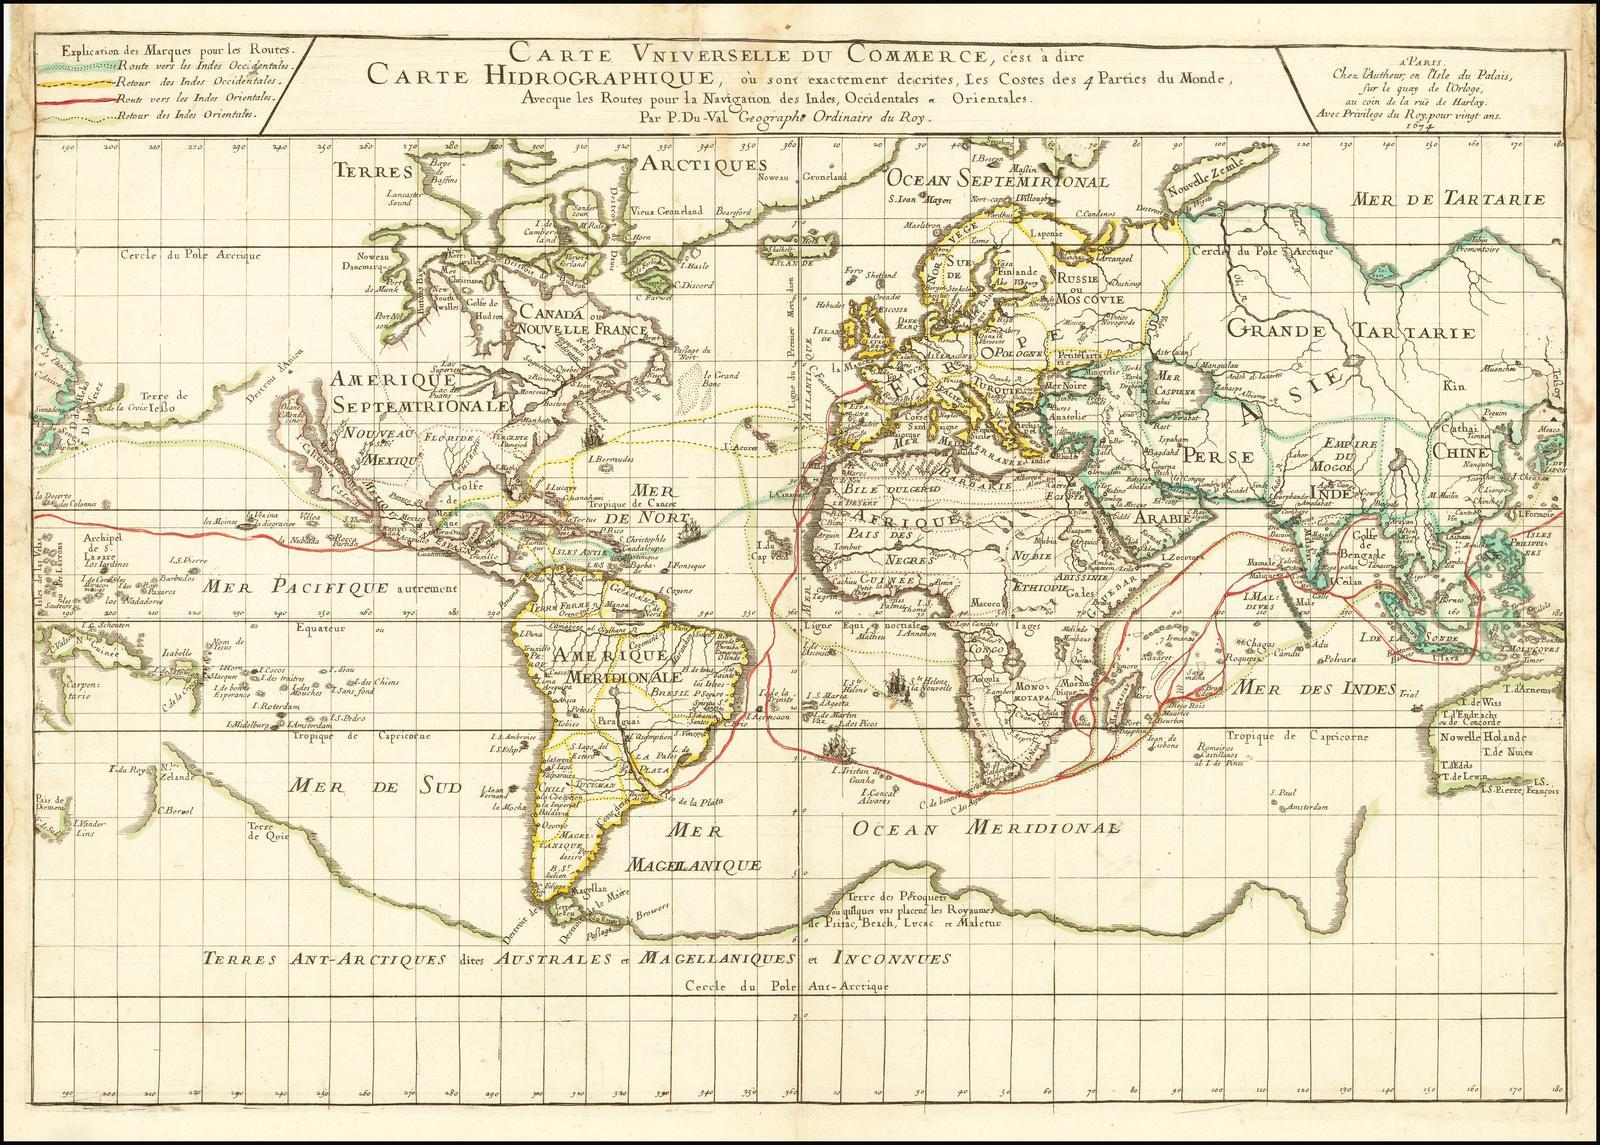 Карта мира Пьера Дю Валя, иллюстрирующая наиболее важные мировые торговые пути в середине 17-го века